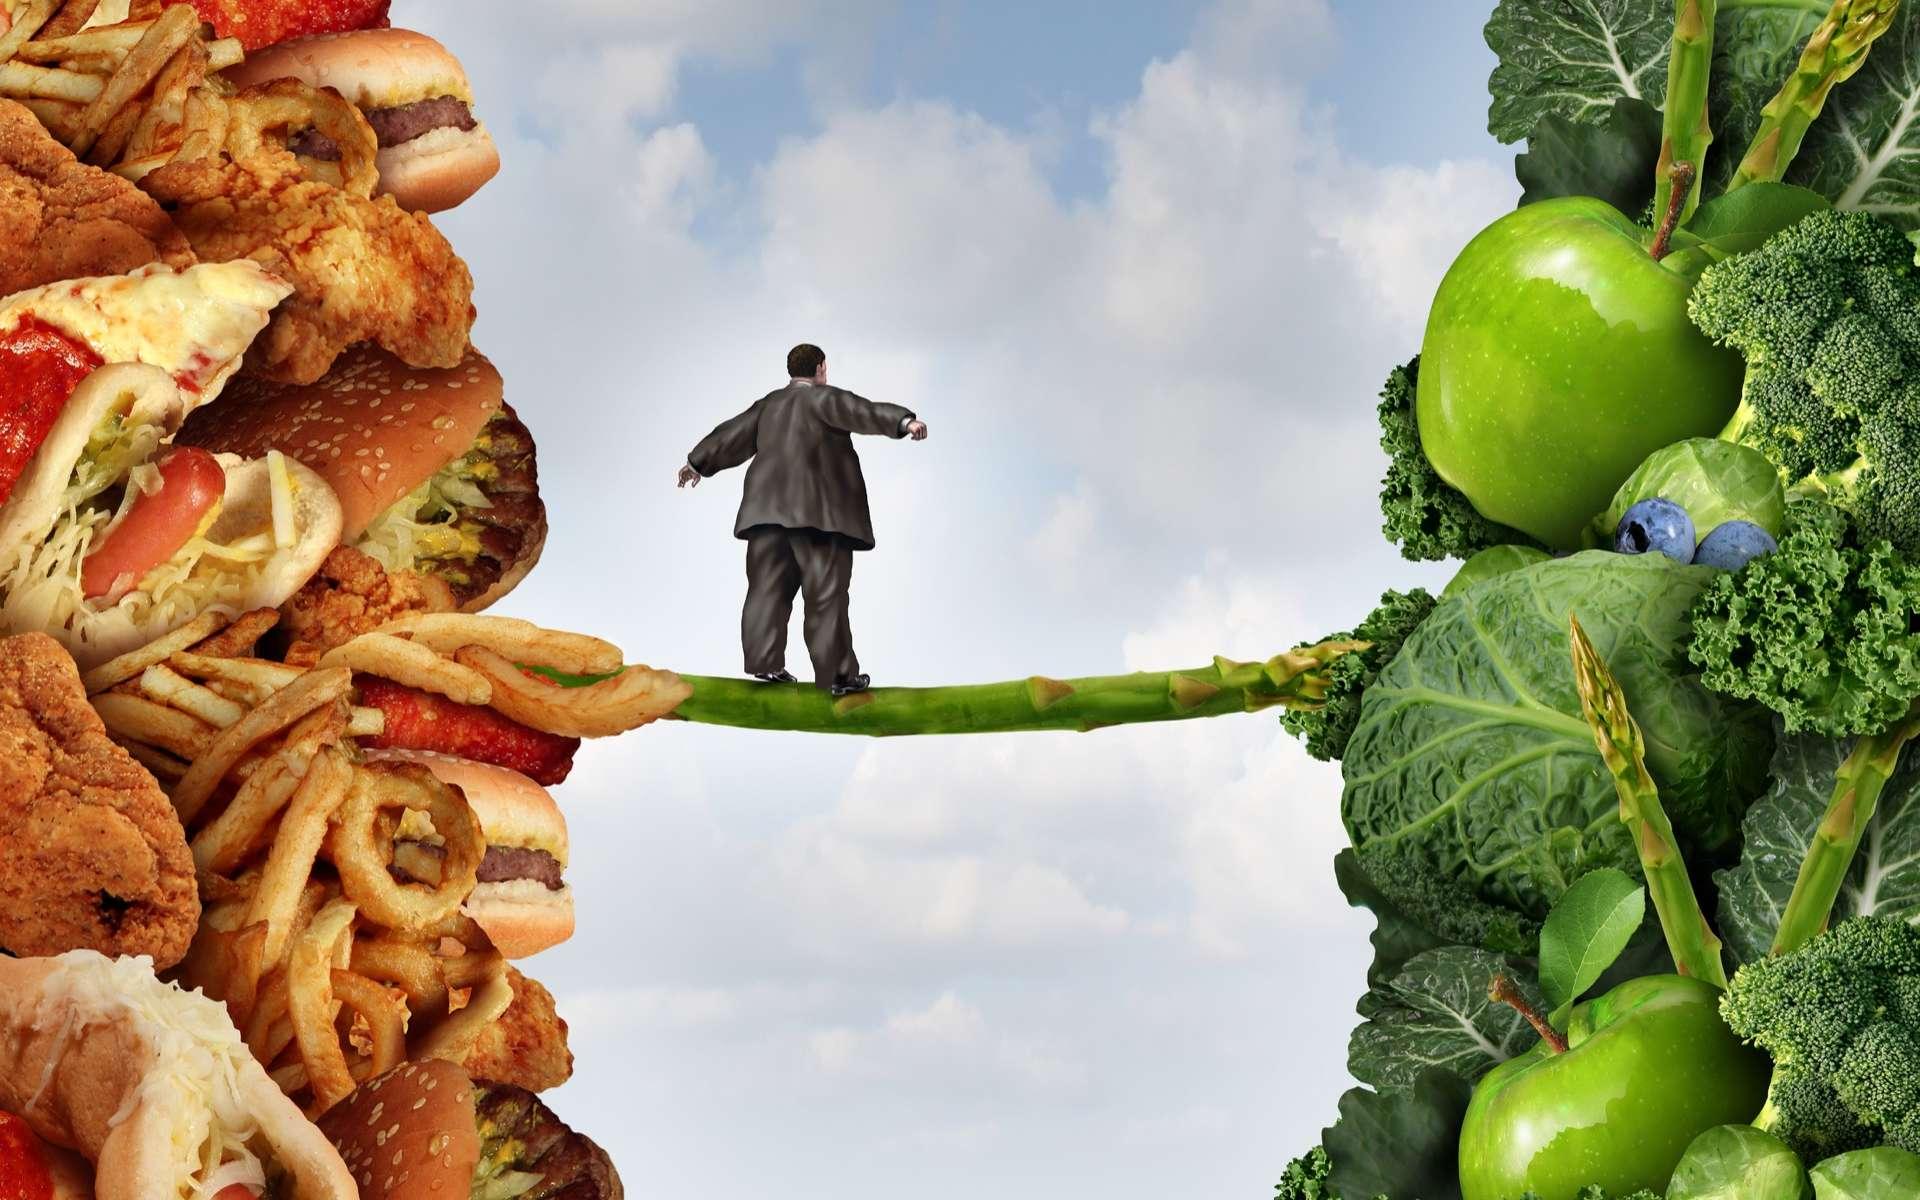 La sédentarité et une alimentation déséquilibrée, entrainant obésité ou surpoids, sont des facteurs de risques qui peuvent être des déclencheurs du diabète de type 2. © freshidea, Adobe Stock